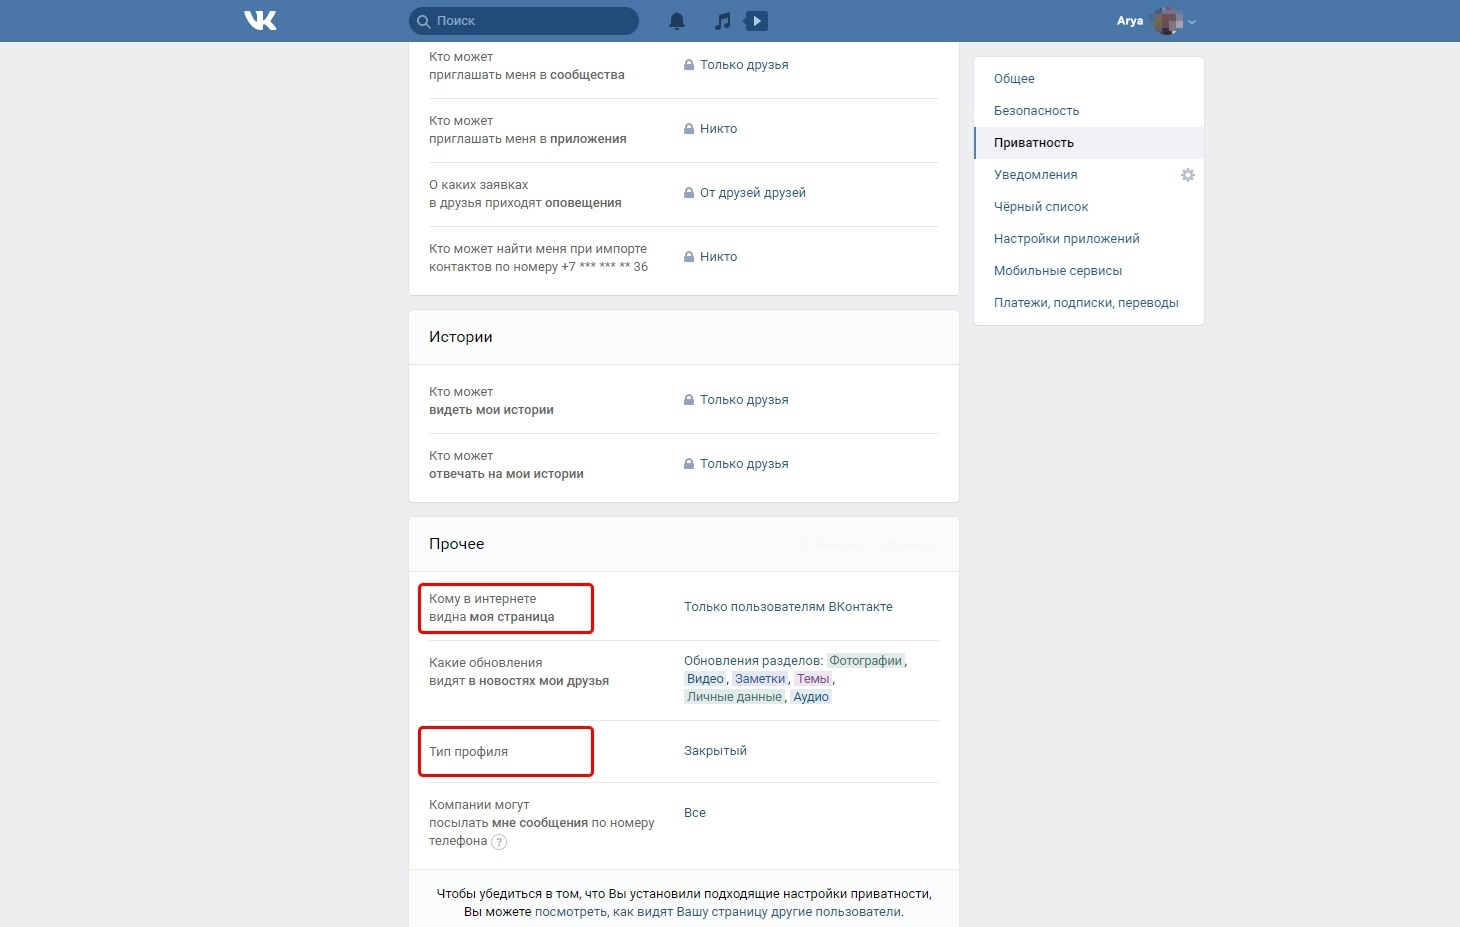 Настройки ВКонтакте: тип профиля и кому видна моя страница